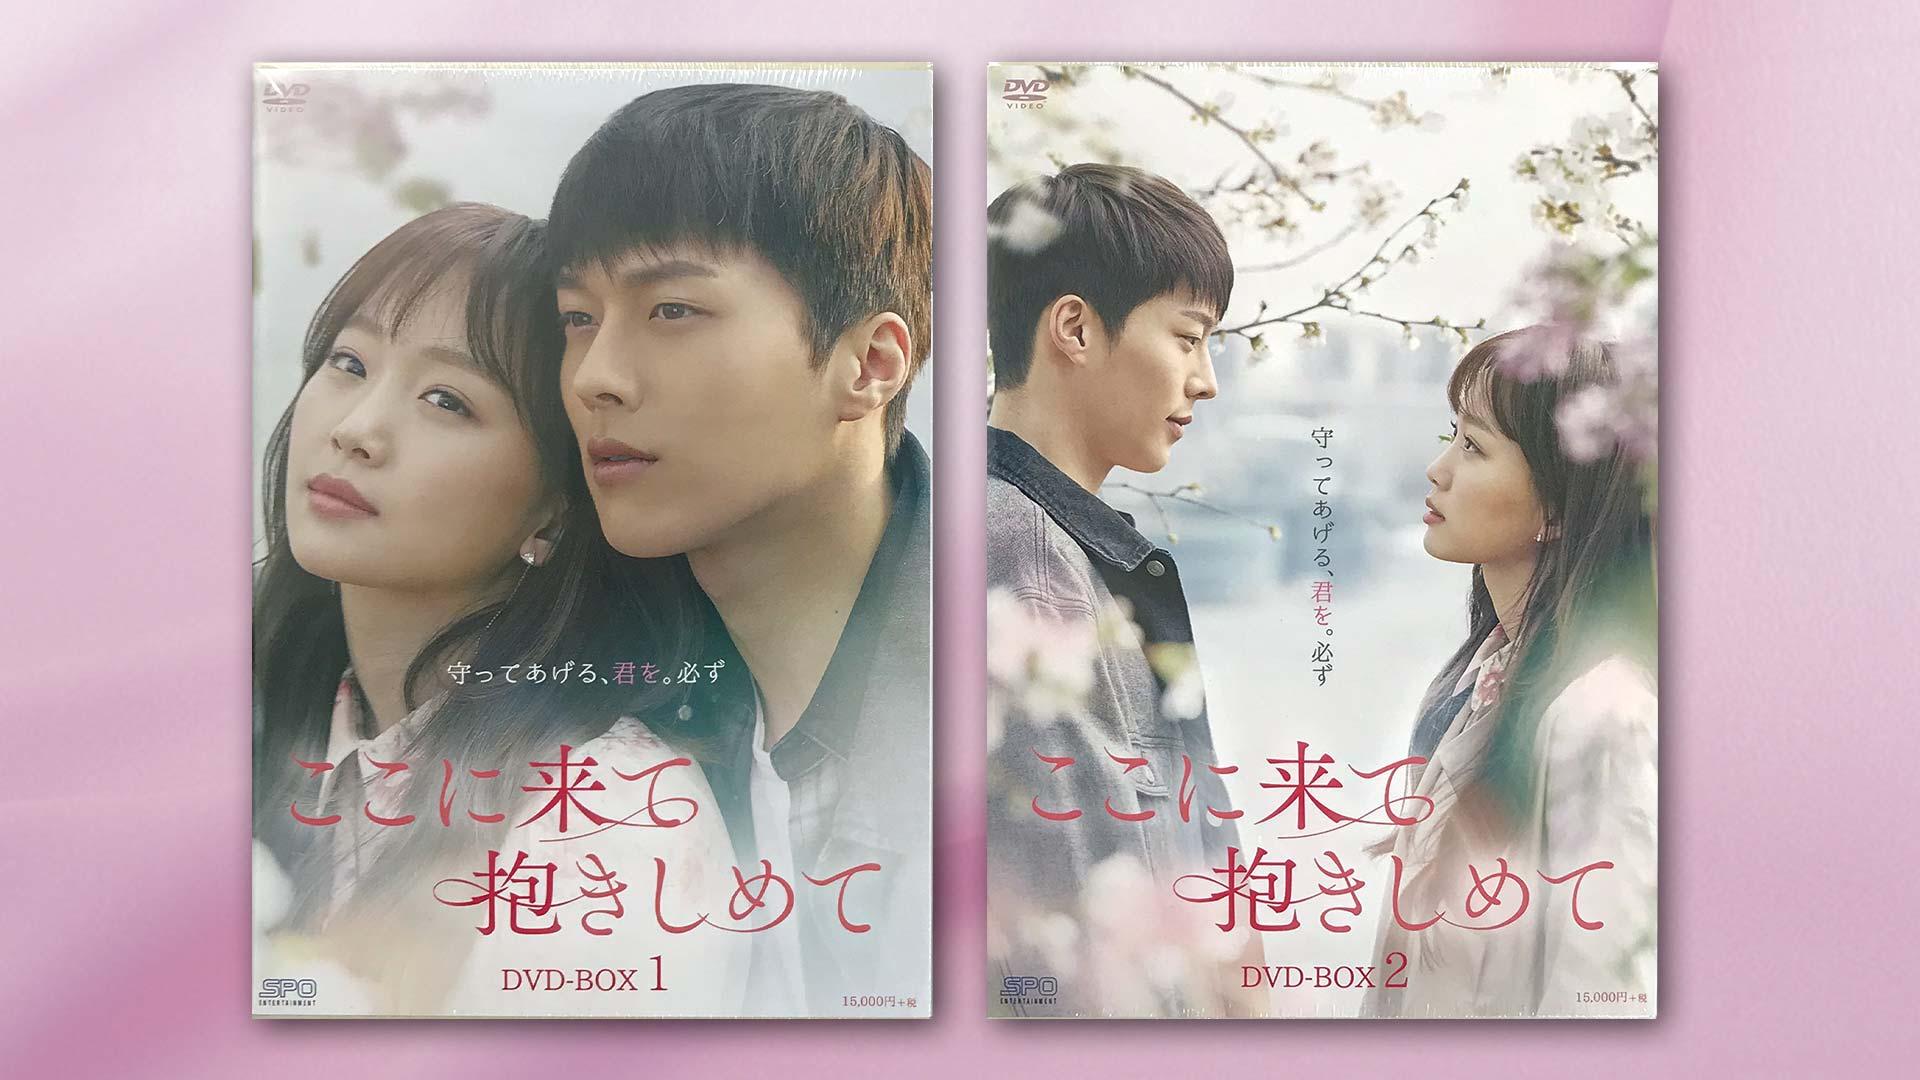 「ここに来て抱きしめて」DVD BOX1&BOX2 1セット